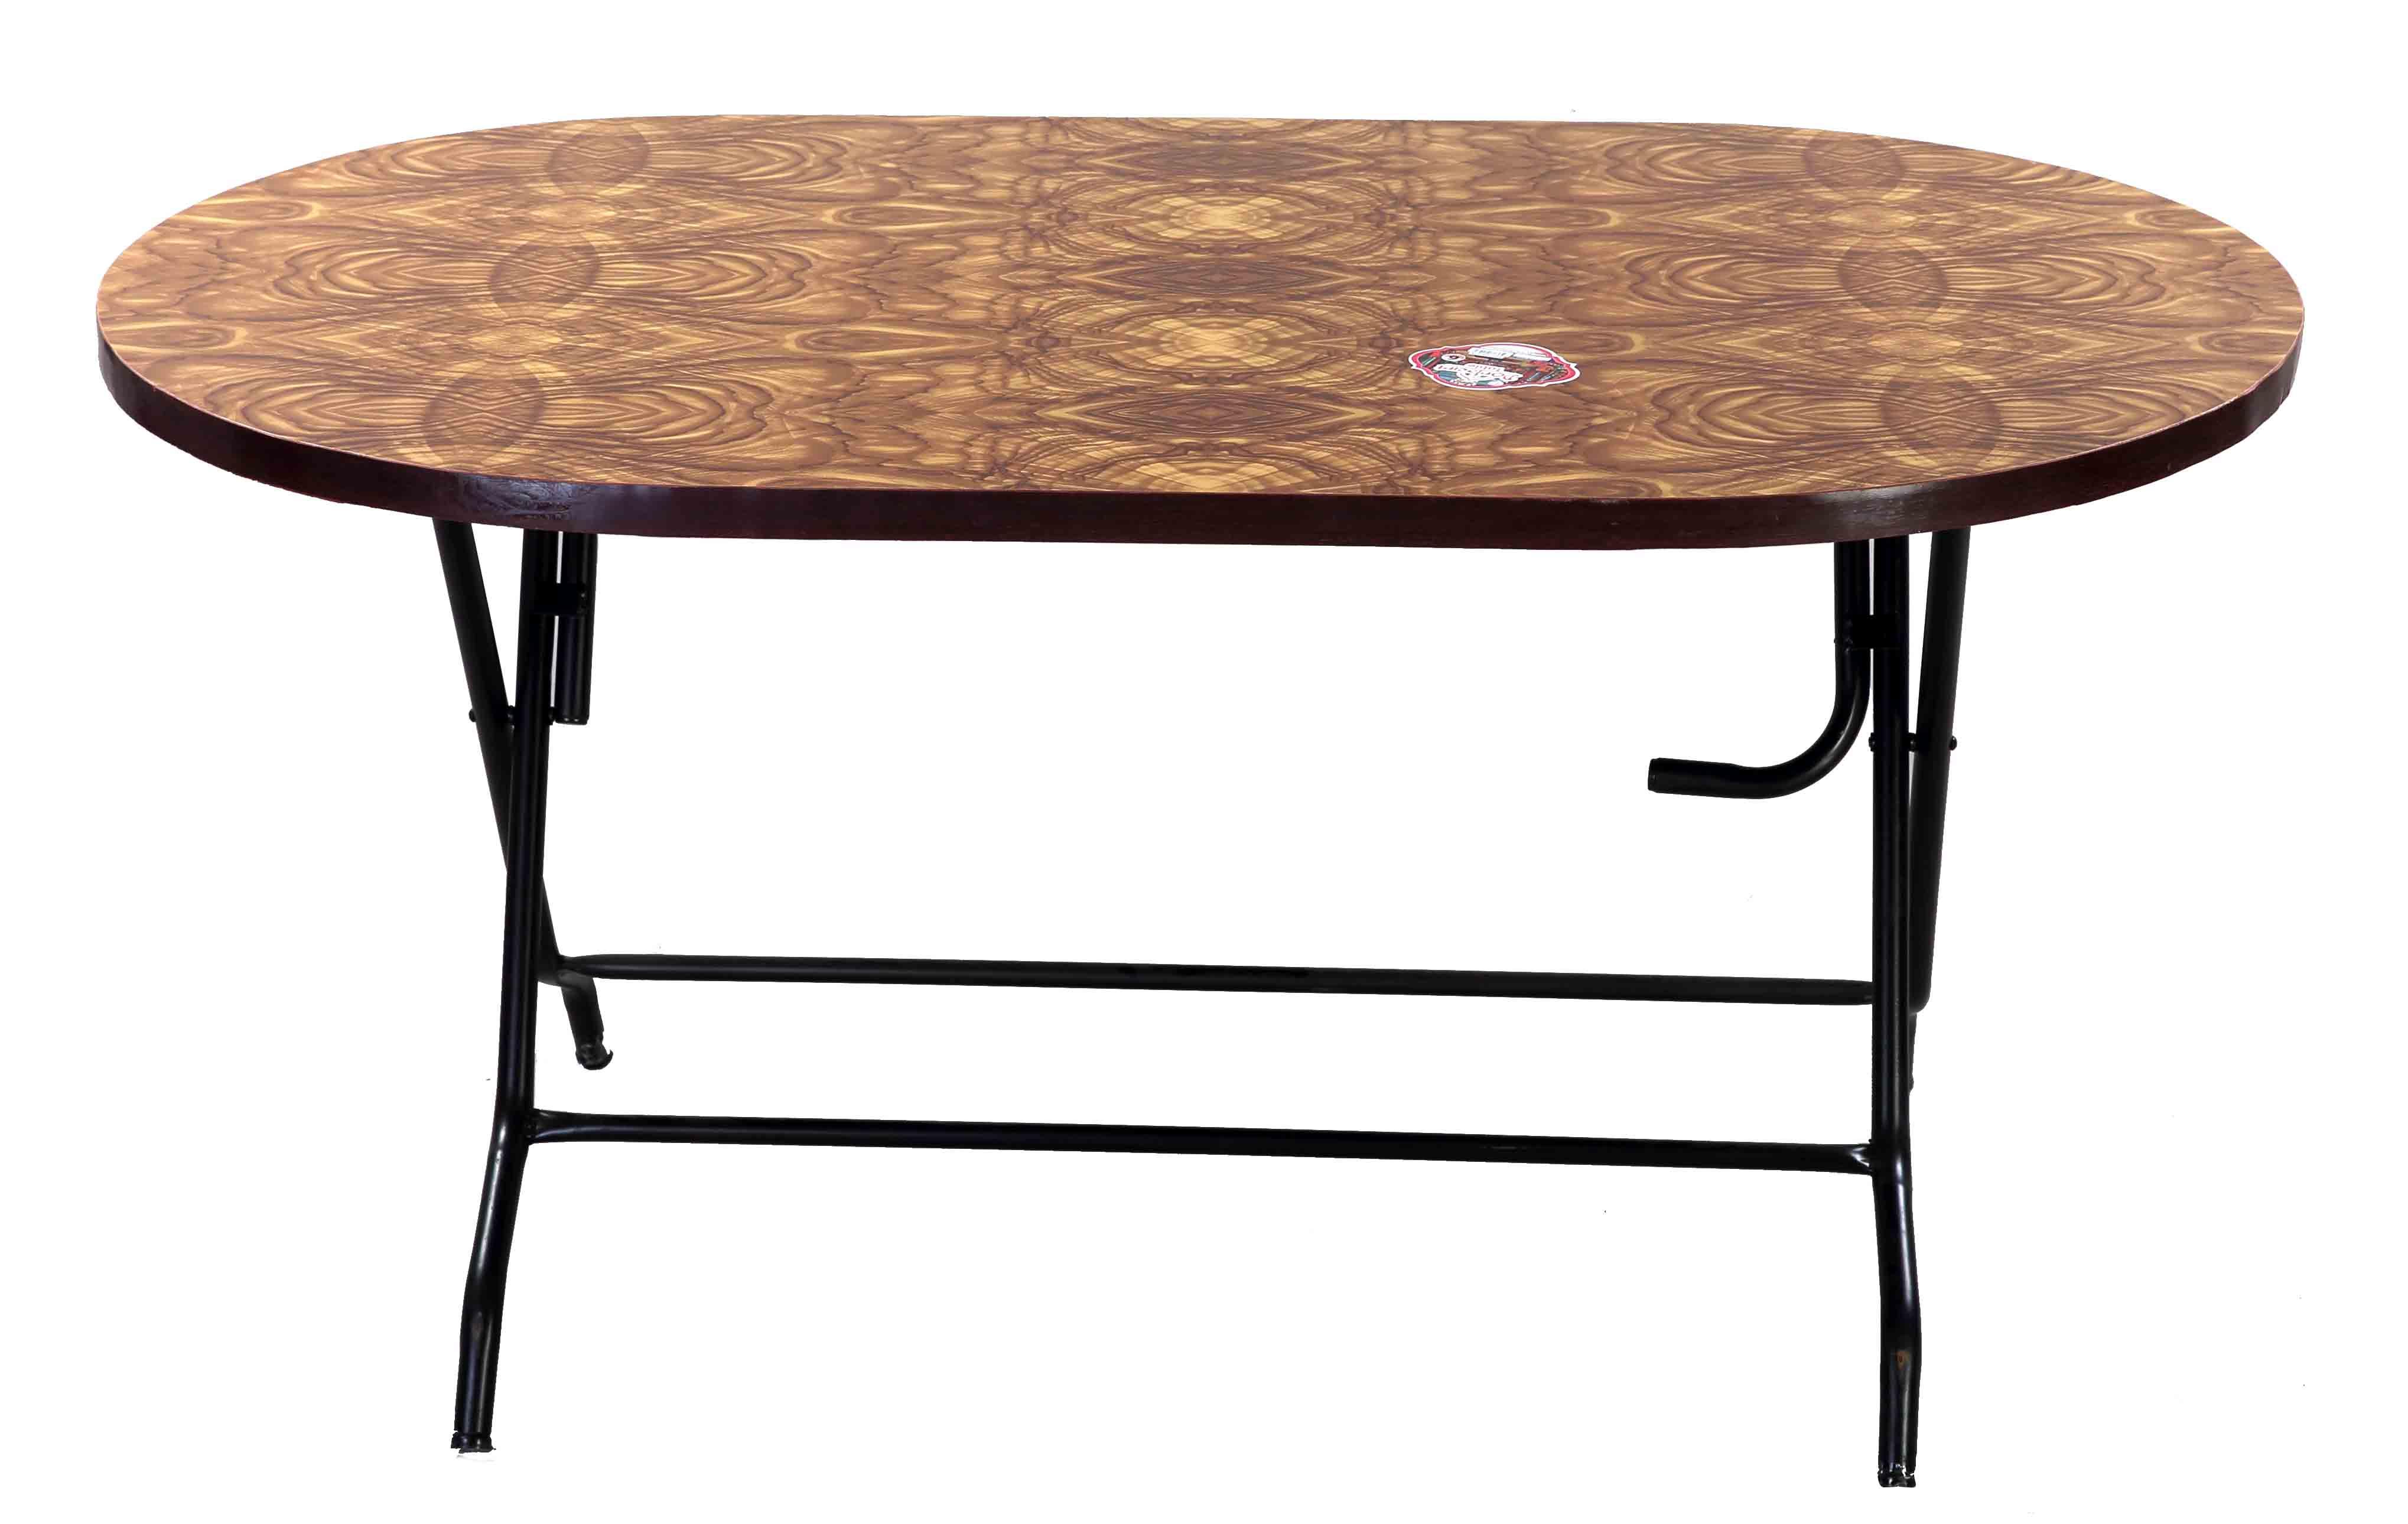 Dorbari Table 4 Seated StLeg